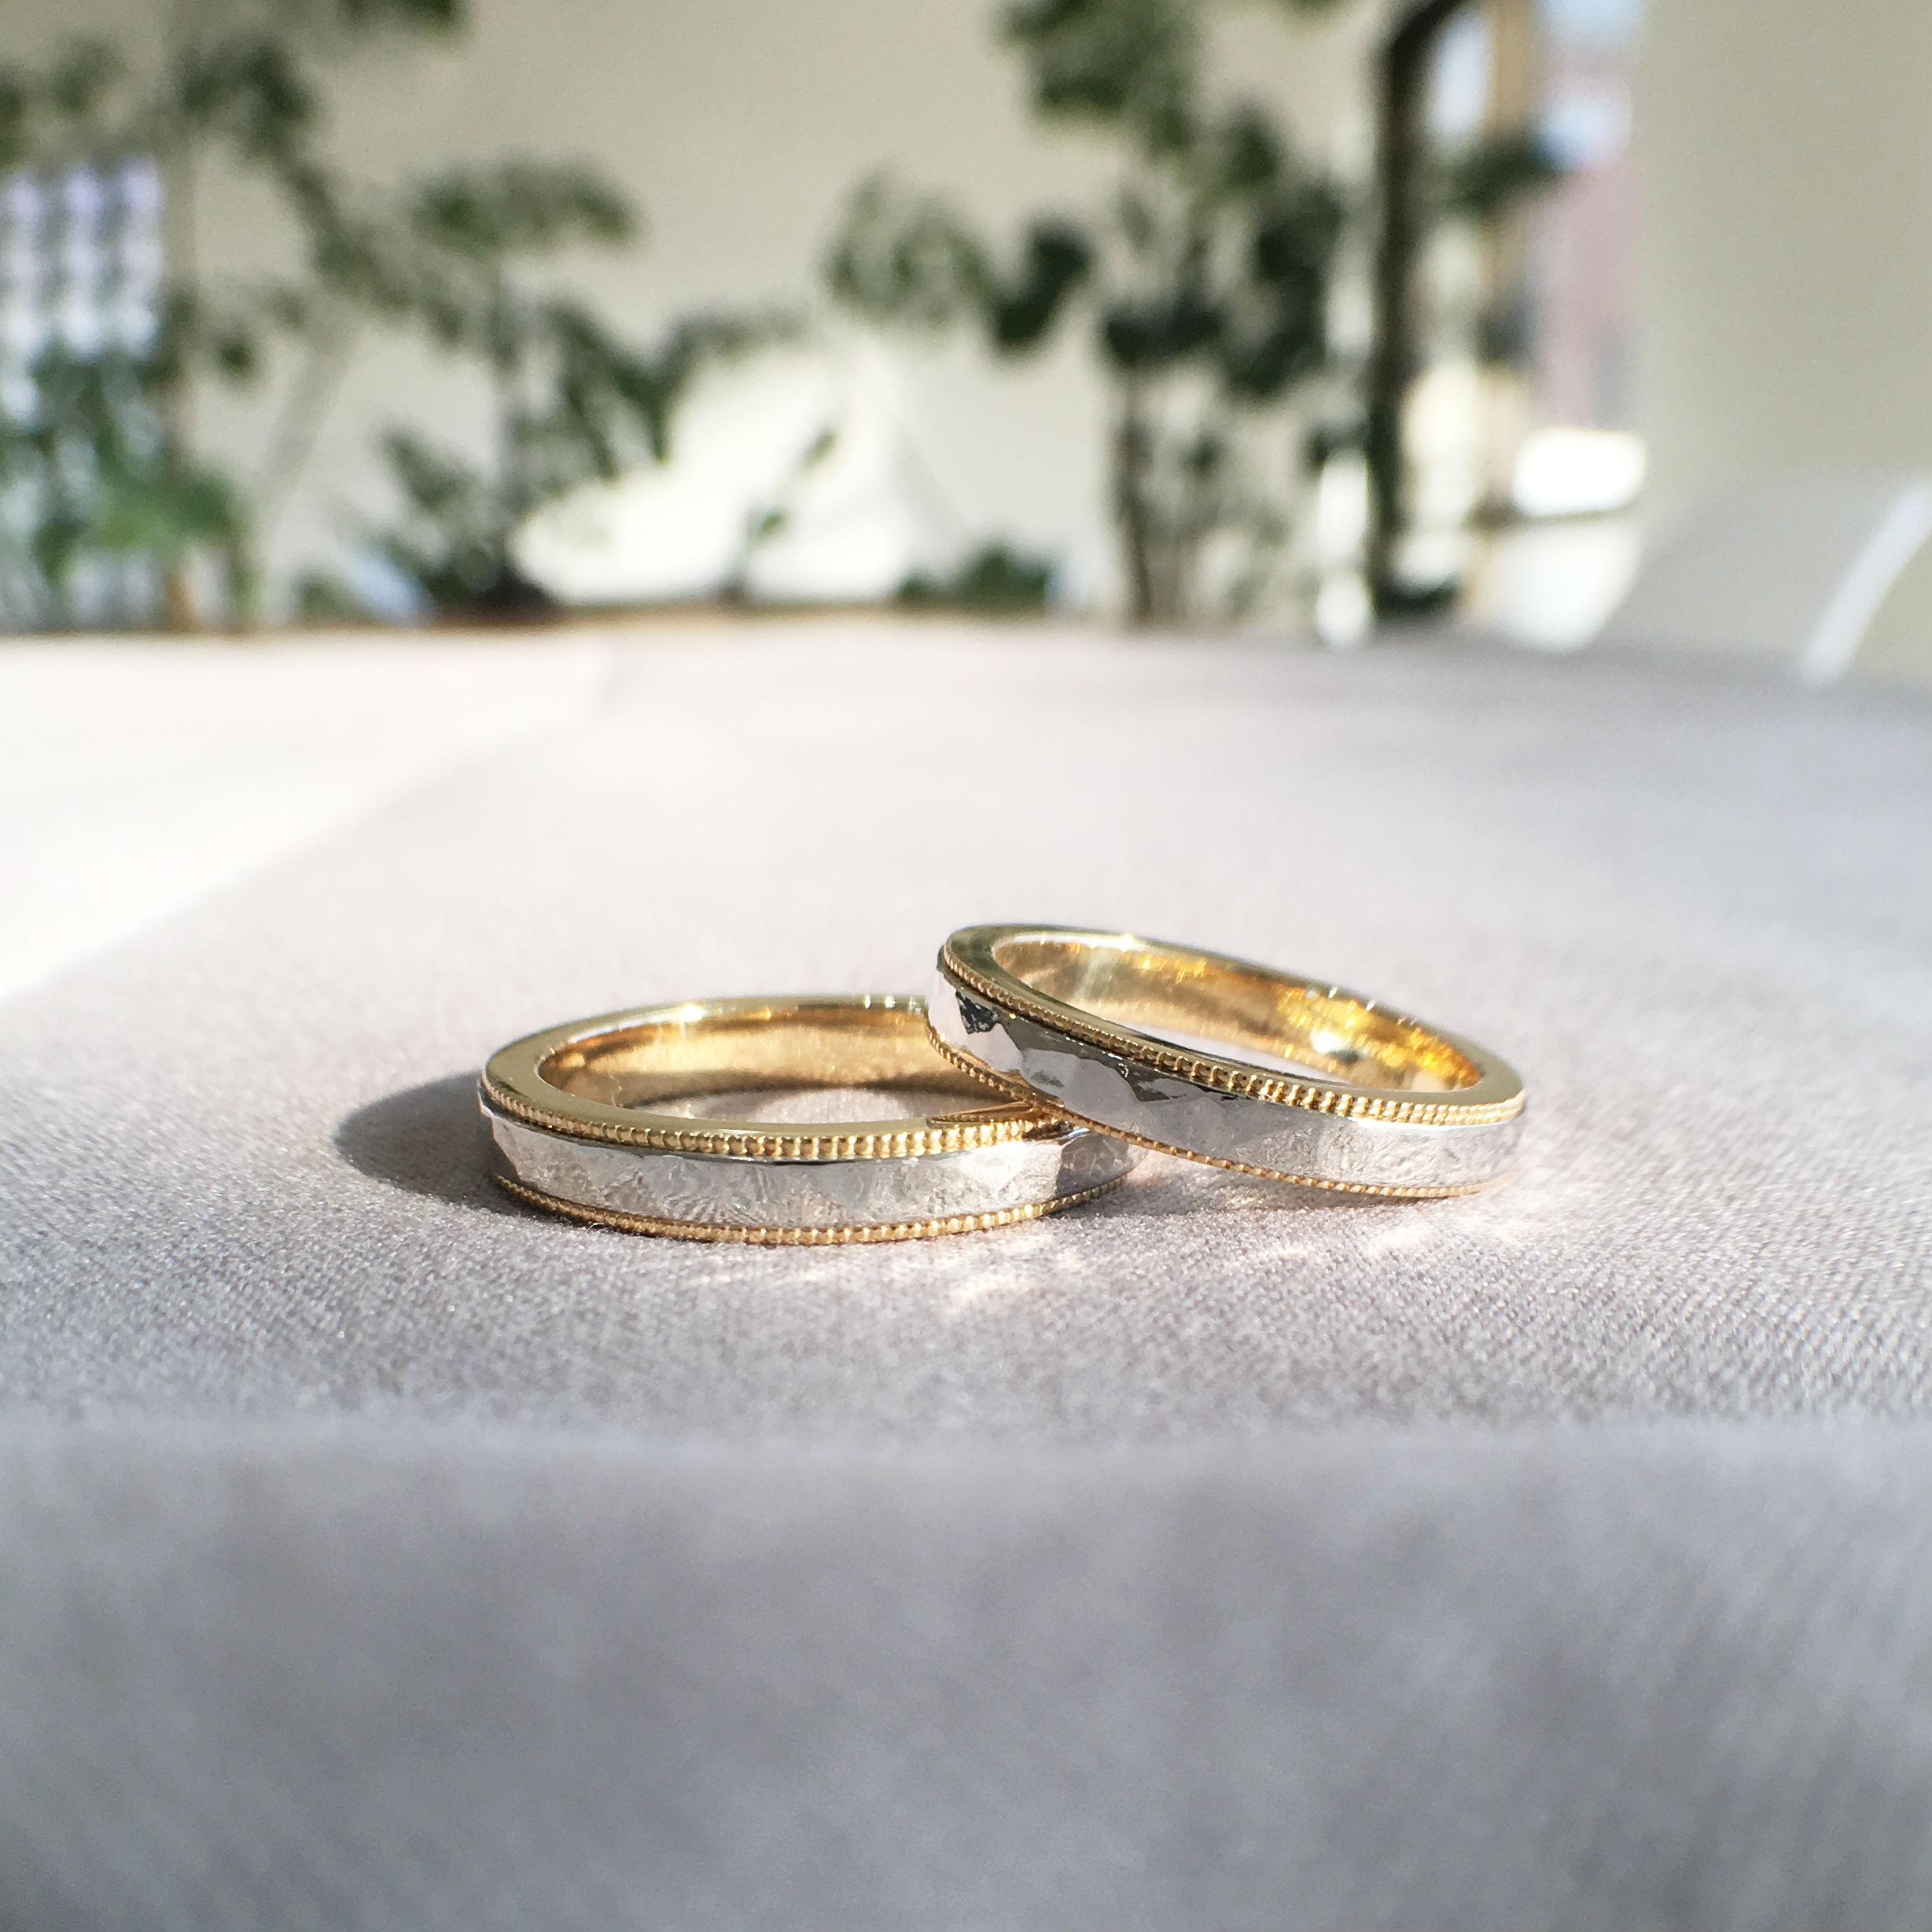 鎚目とミルグレインを施したコンビの結婚指輪